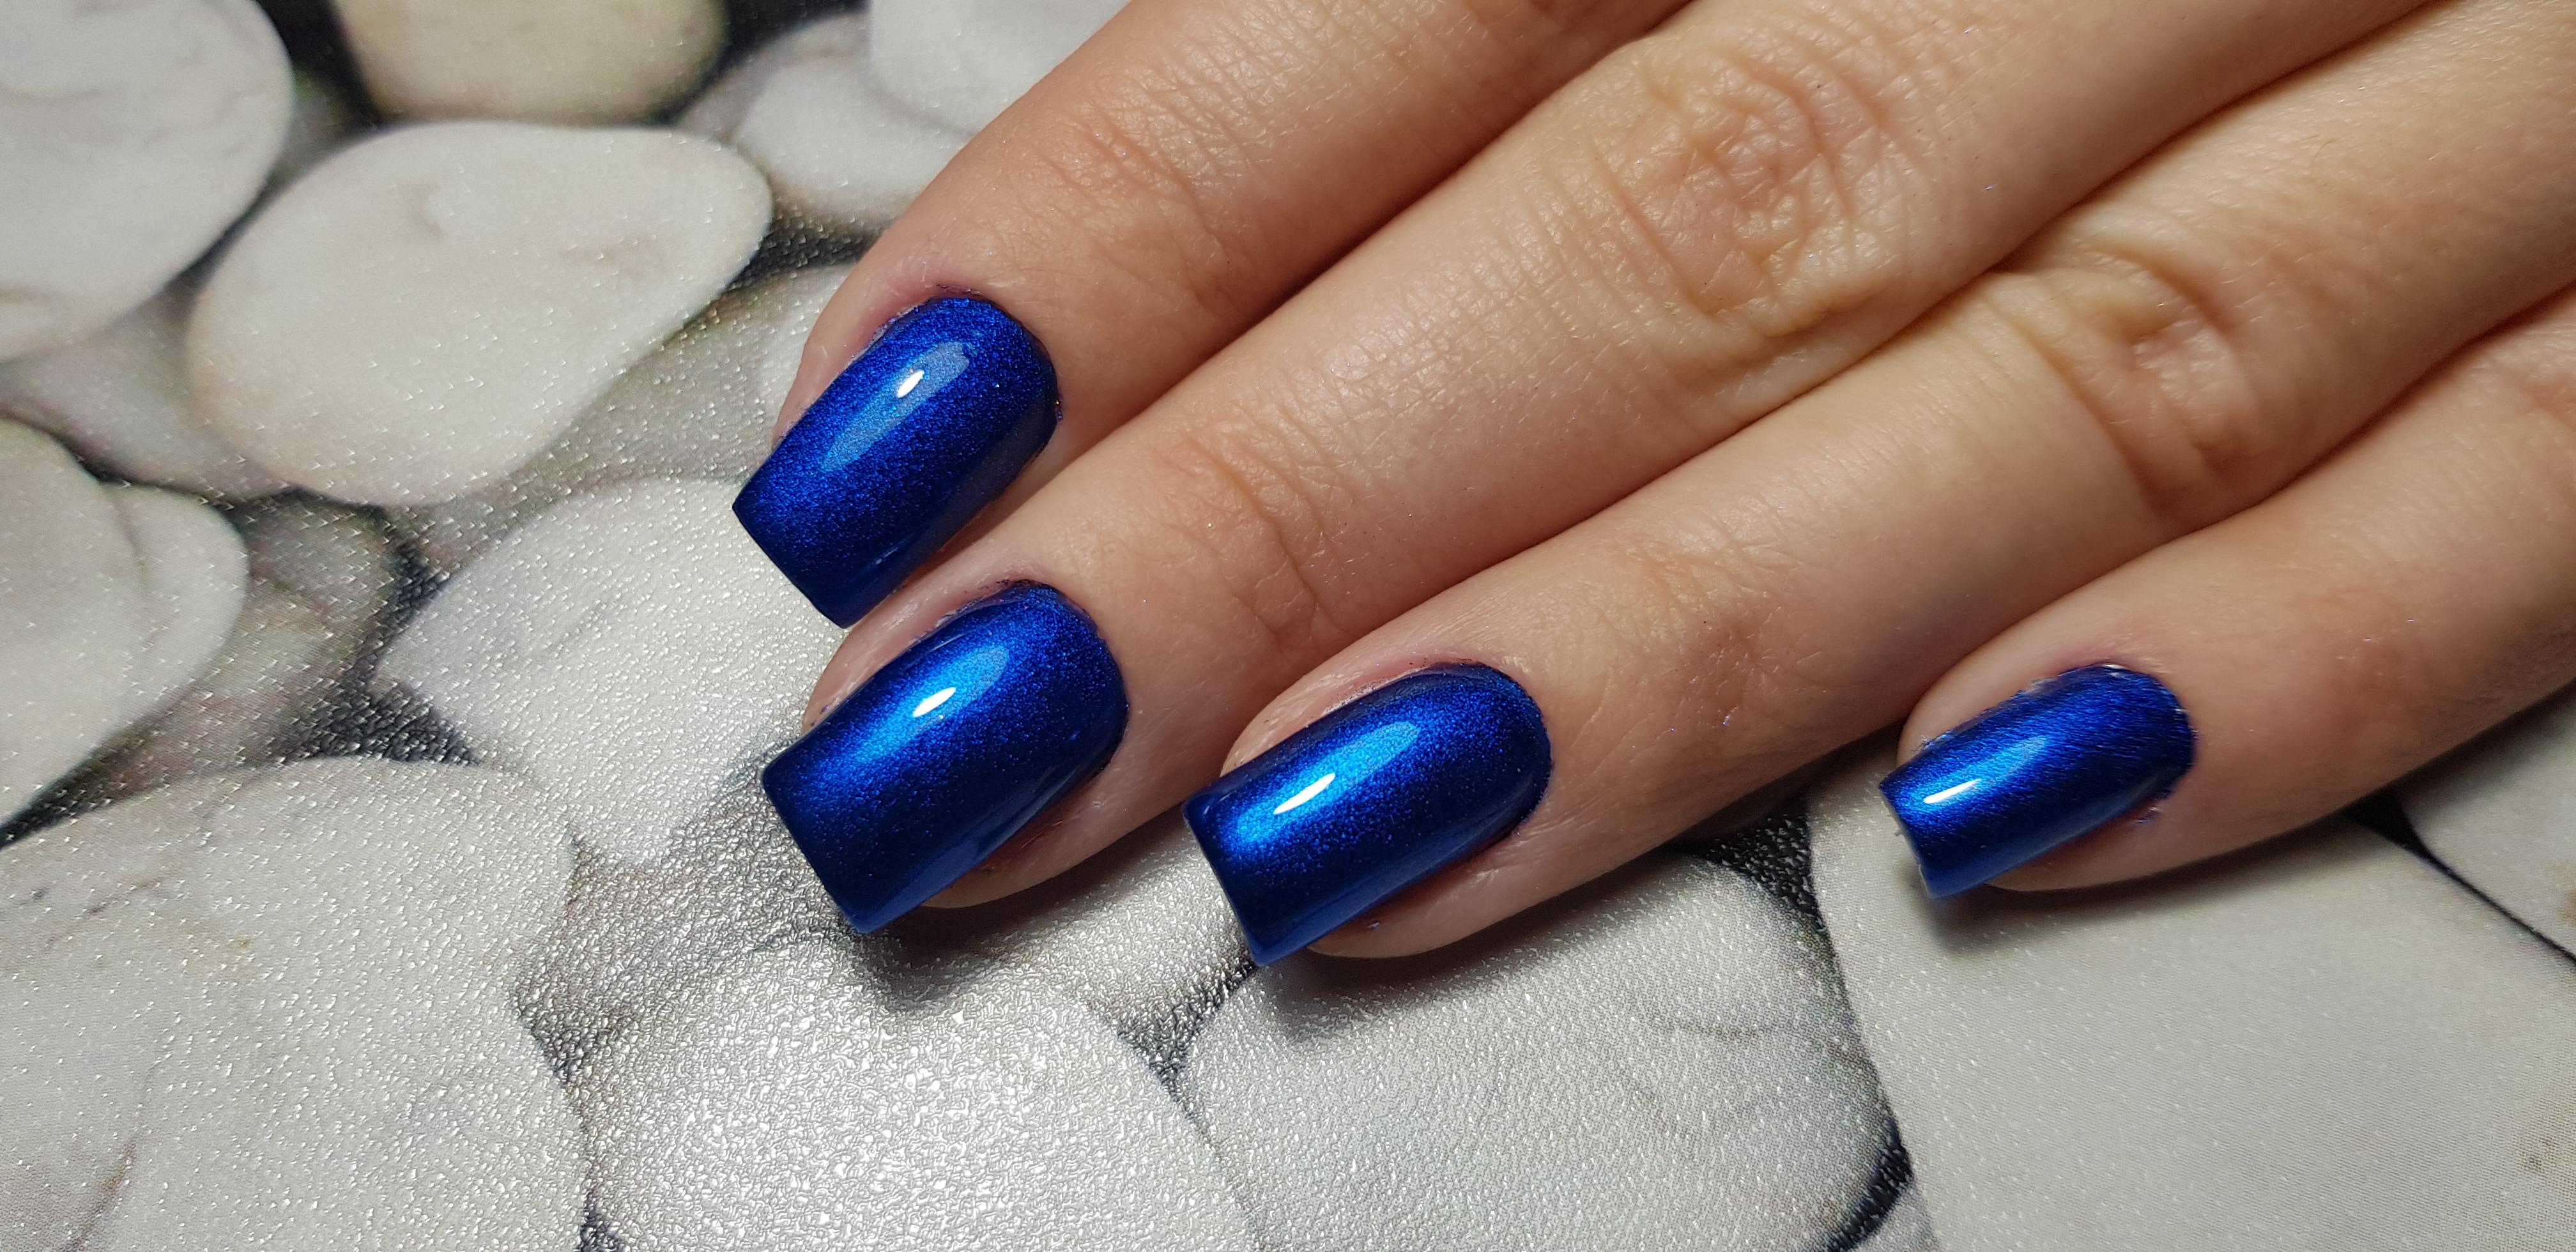 Блестящий однотонный маникюр в синем цвете.